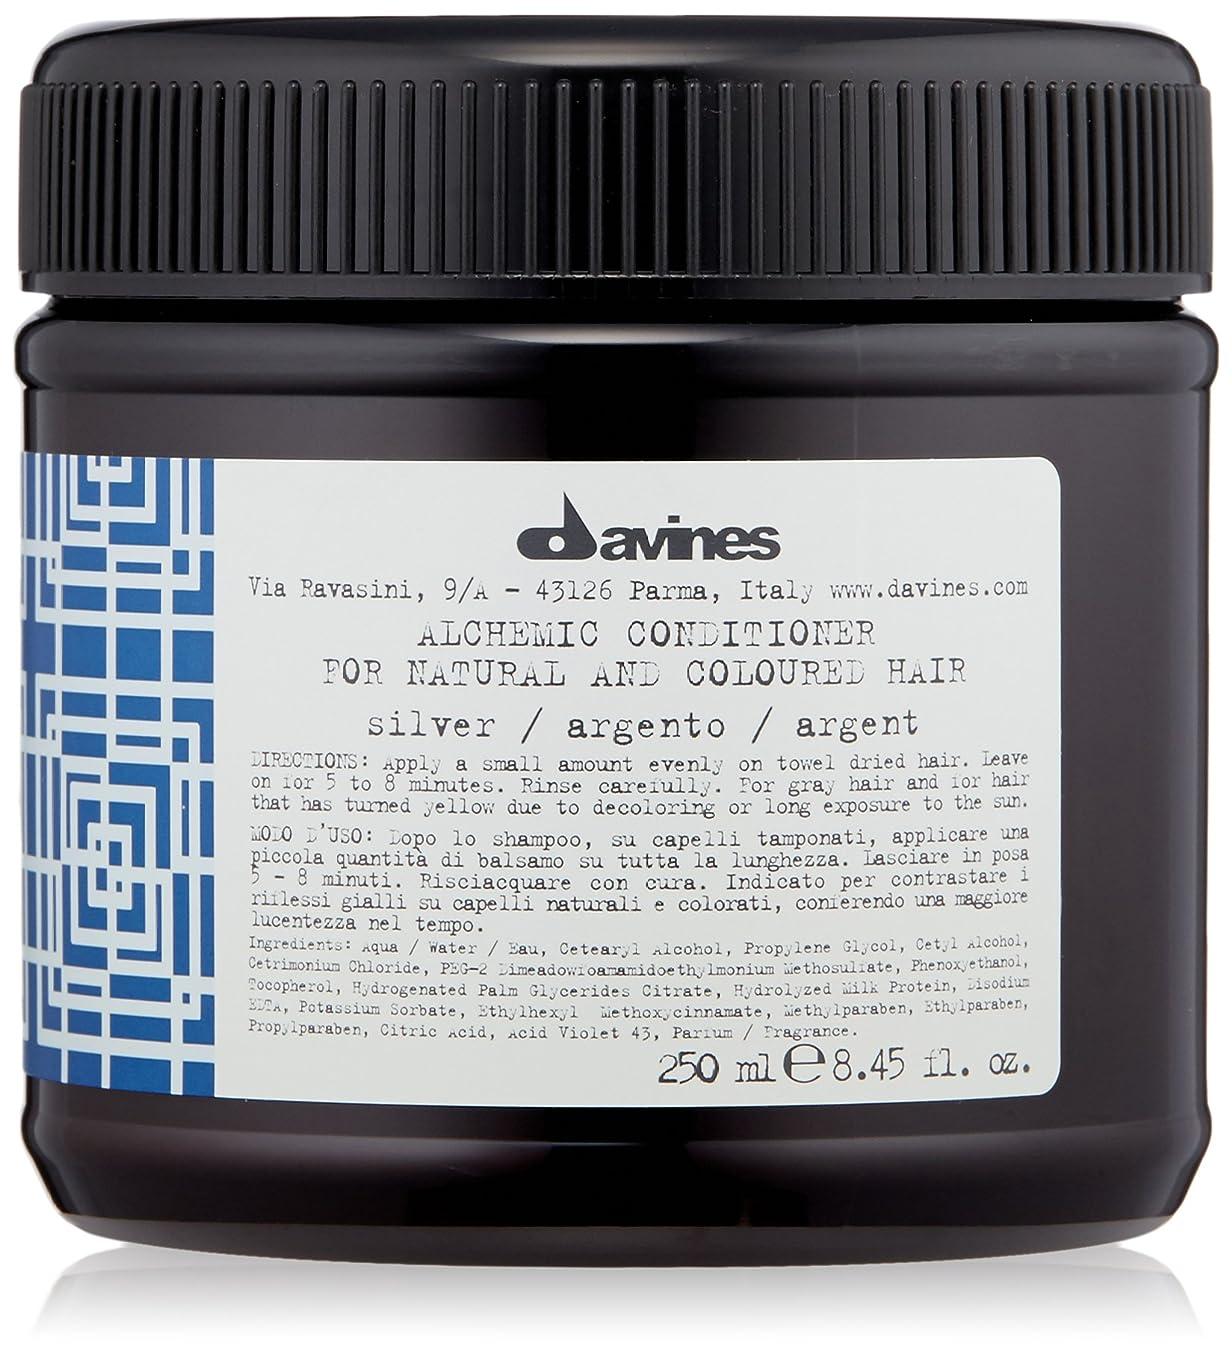 最初は簡潔なすごいダヴィネス - アルケミック コンディショナー シルバー (ナチュラル&染めた髪用) - 250ml/8.45oz